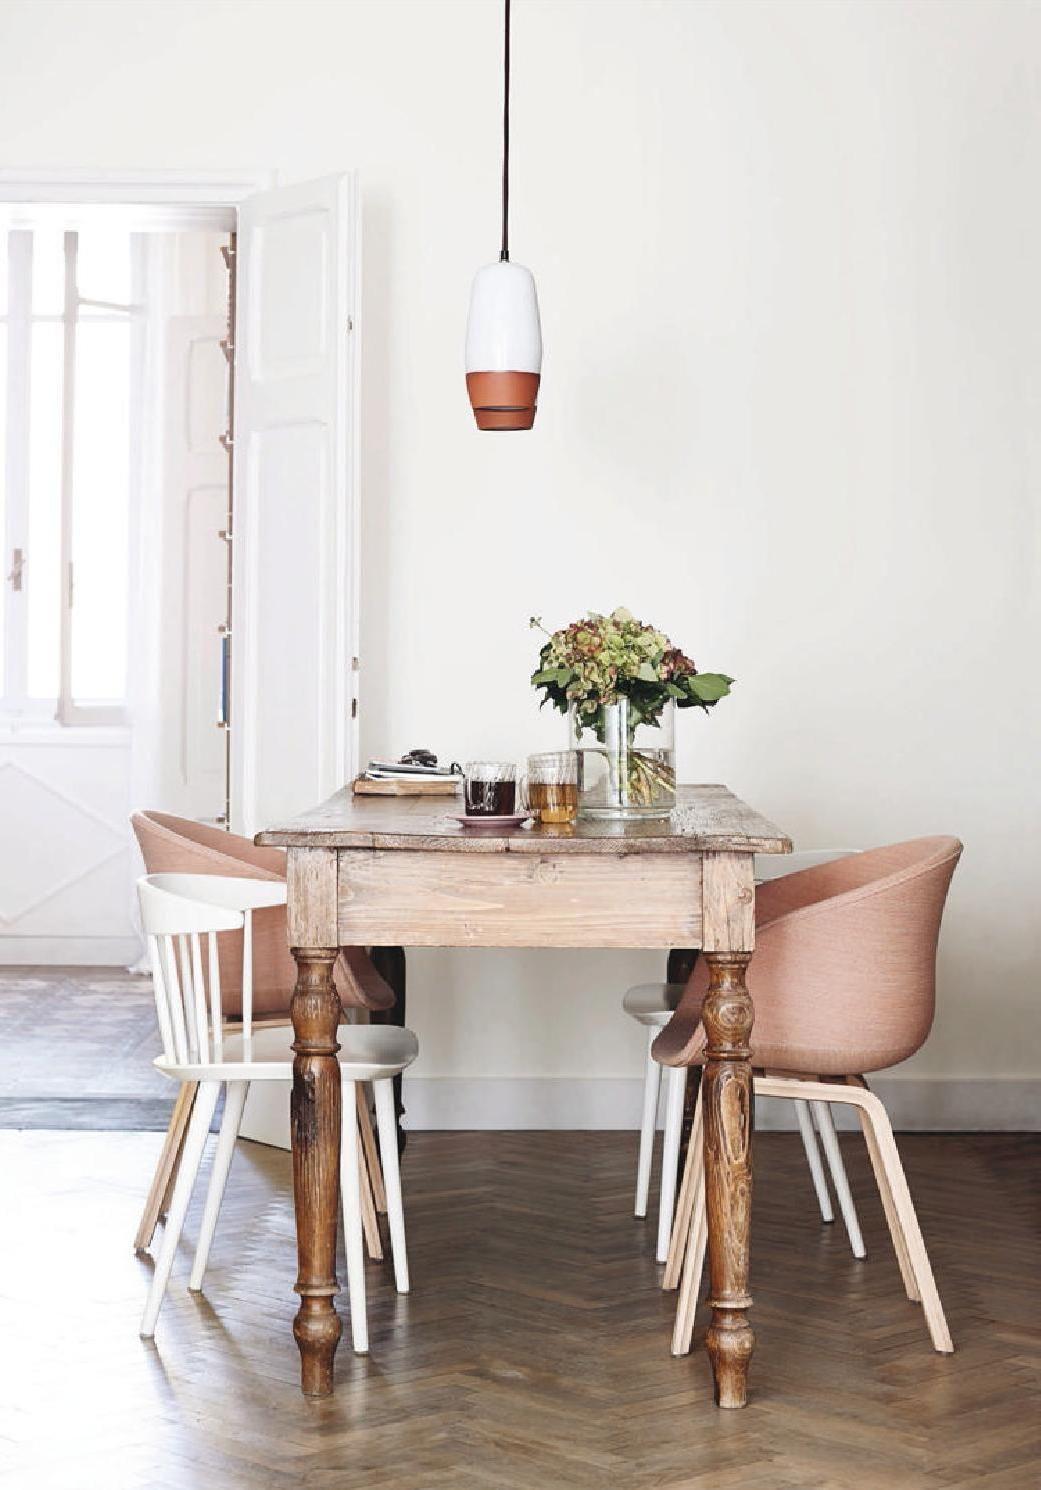 schlichtes esszimmer in hellen farben - Esszimmer Mit Sitzgelegenheiten